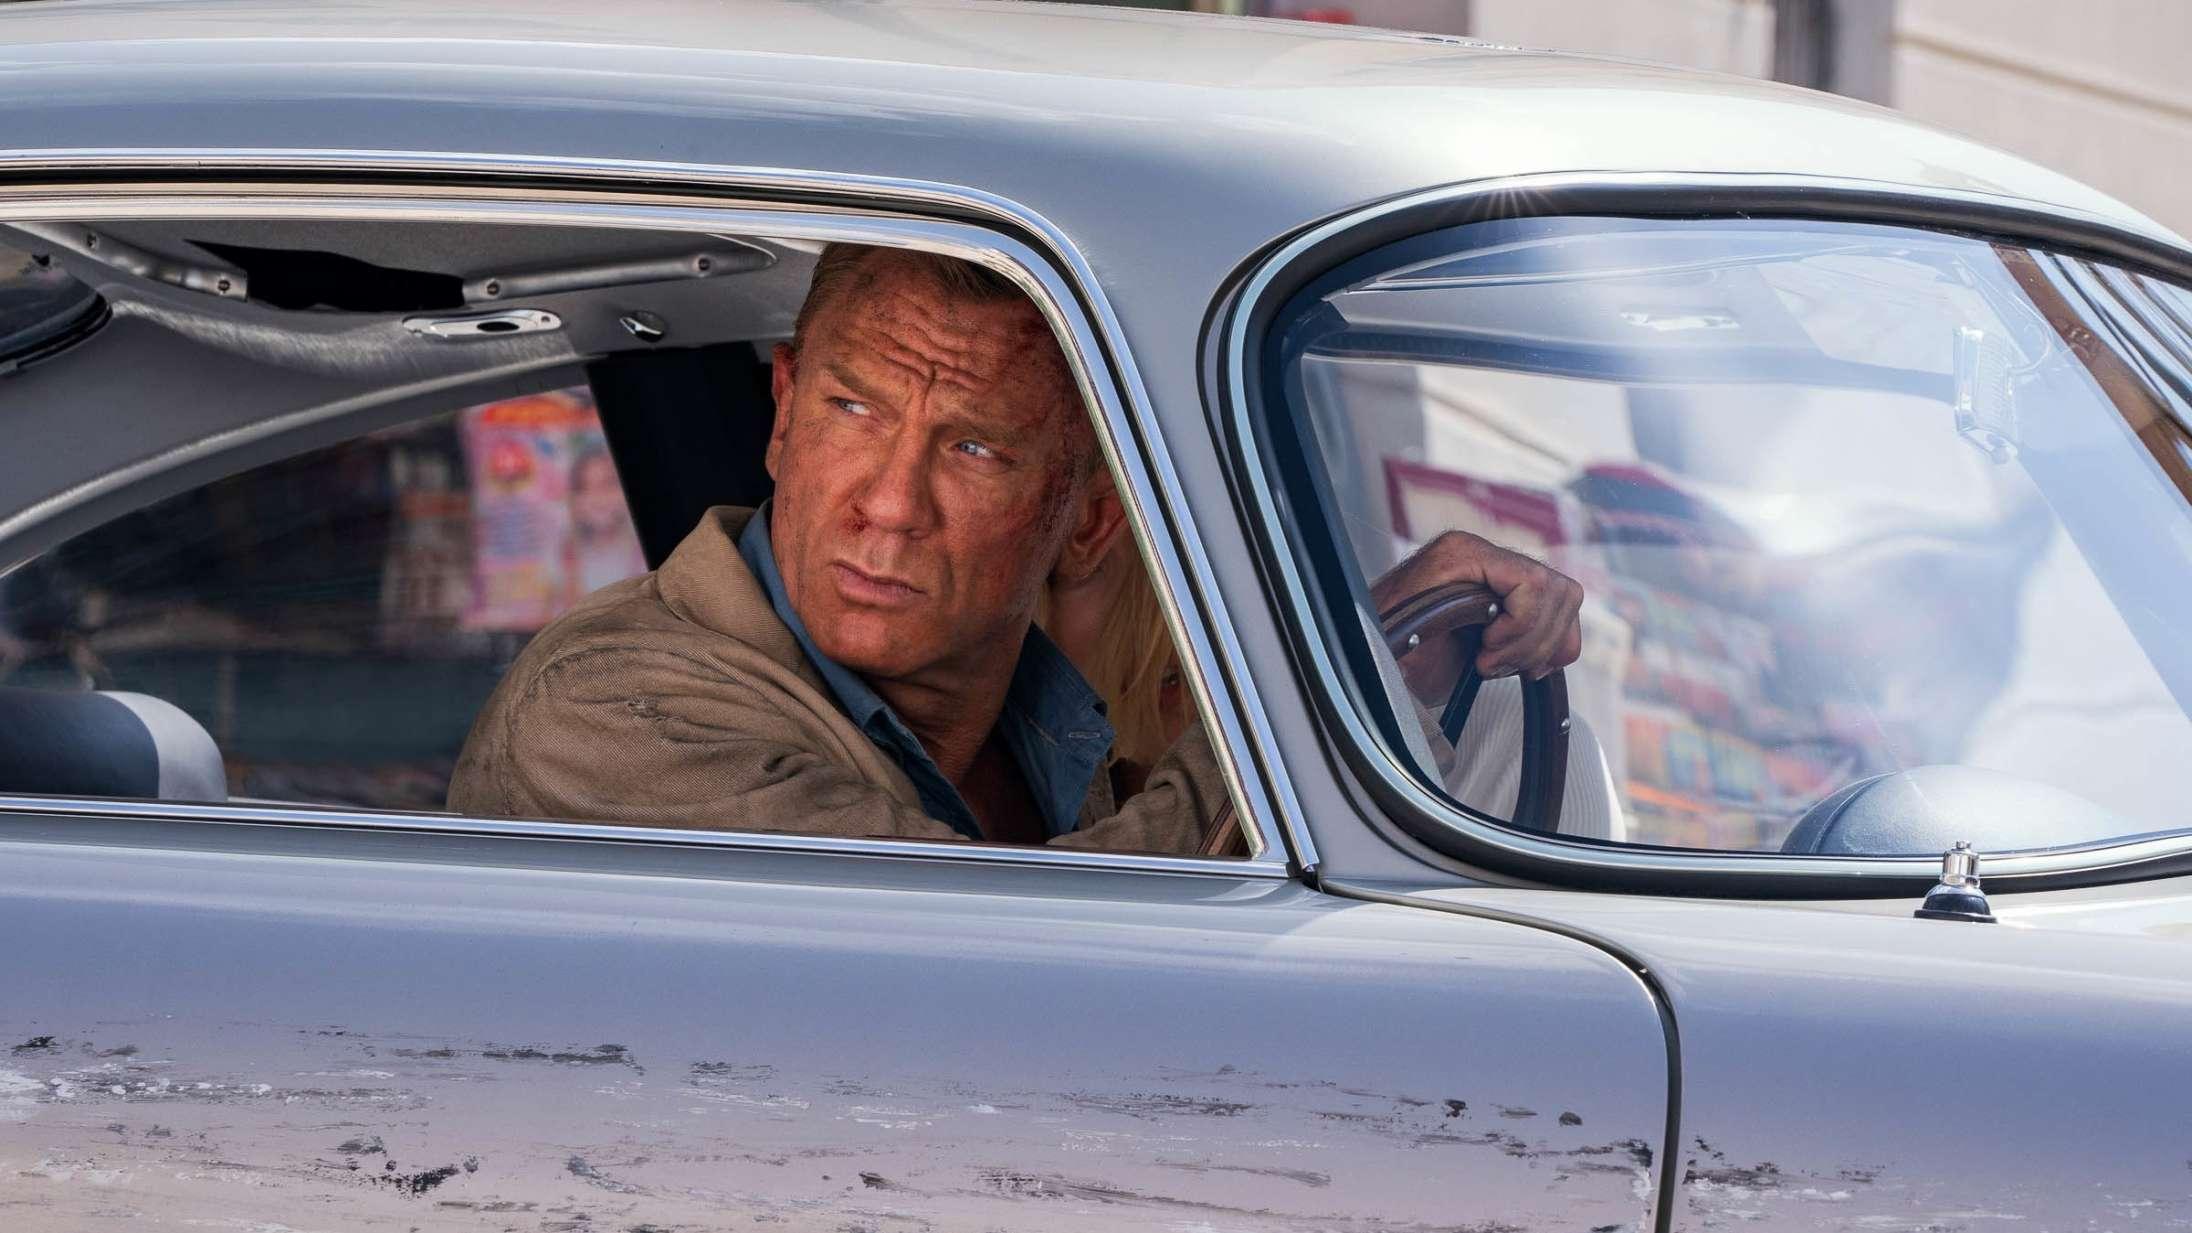 Det er sikkert og vist: Bond lander i biografen om 20 dage